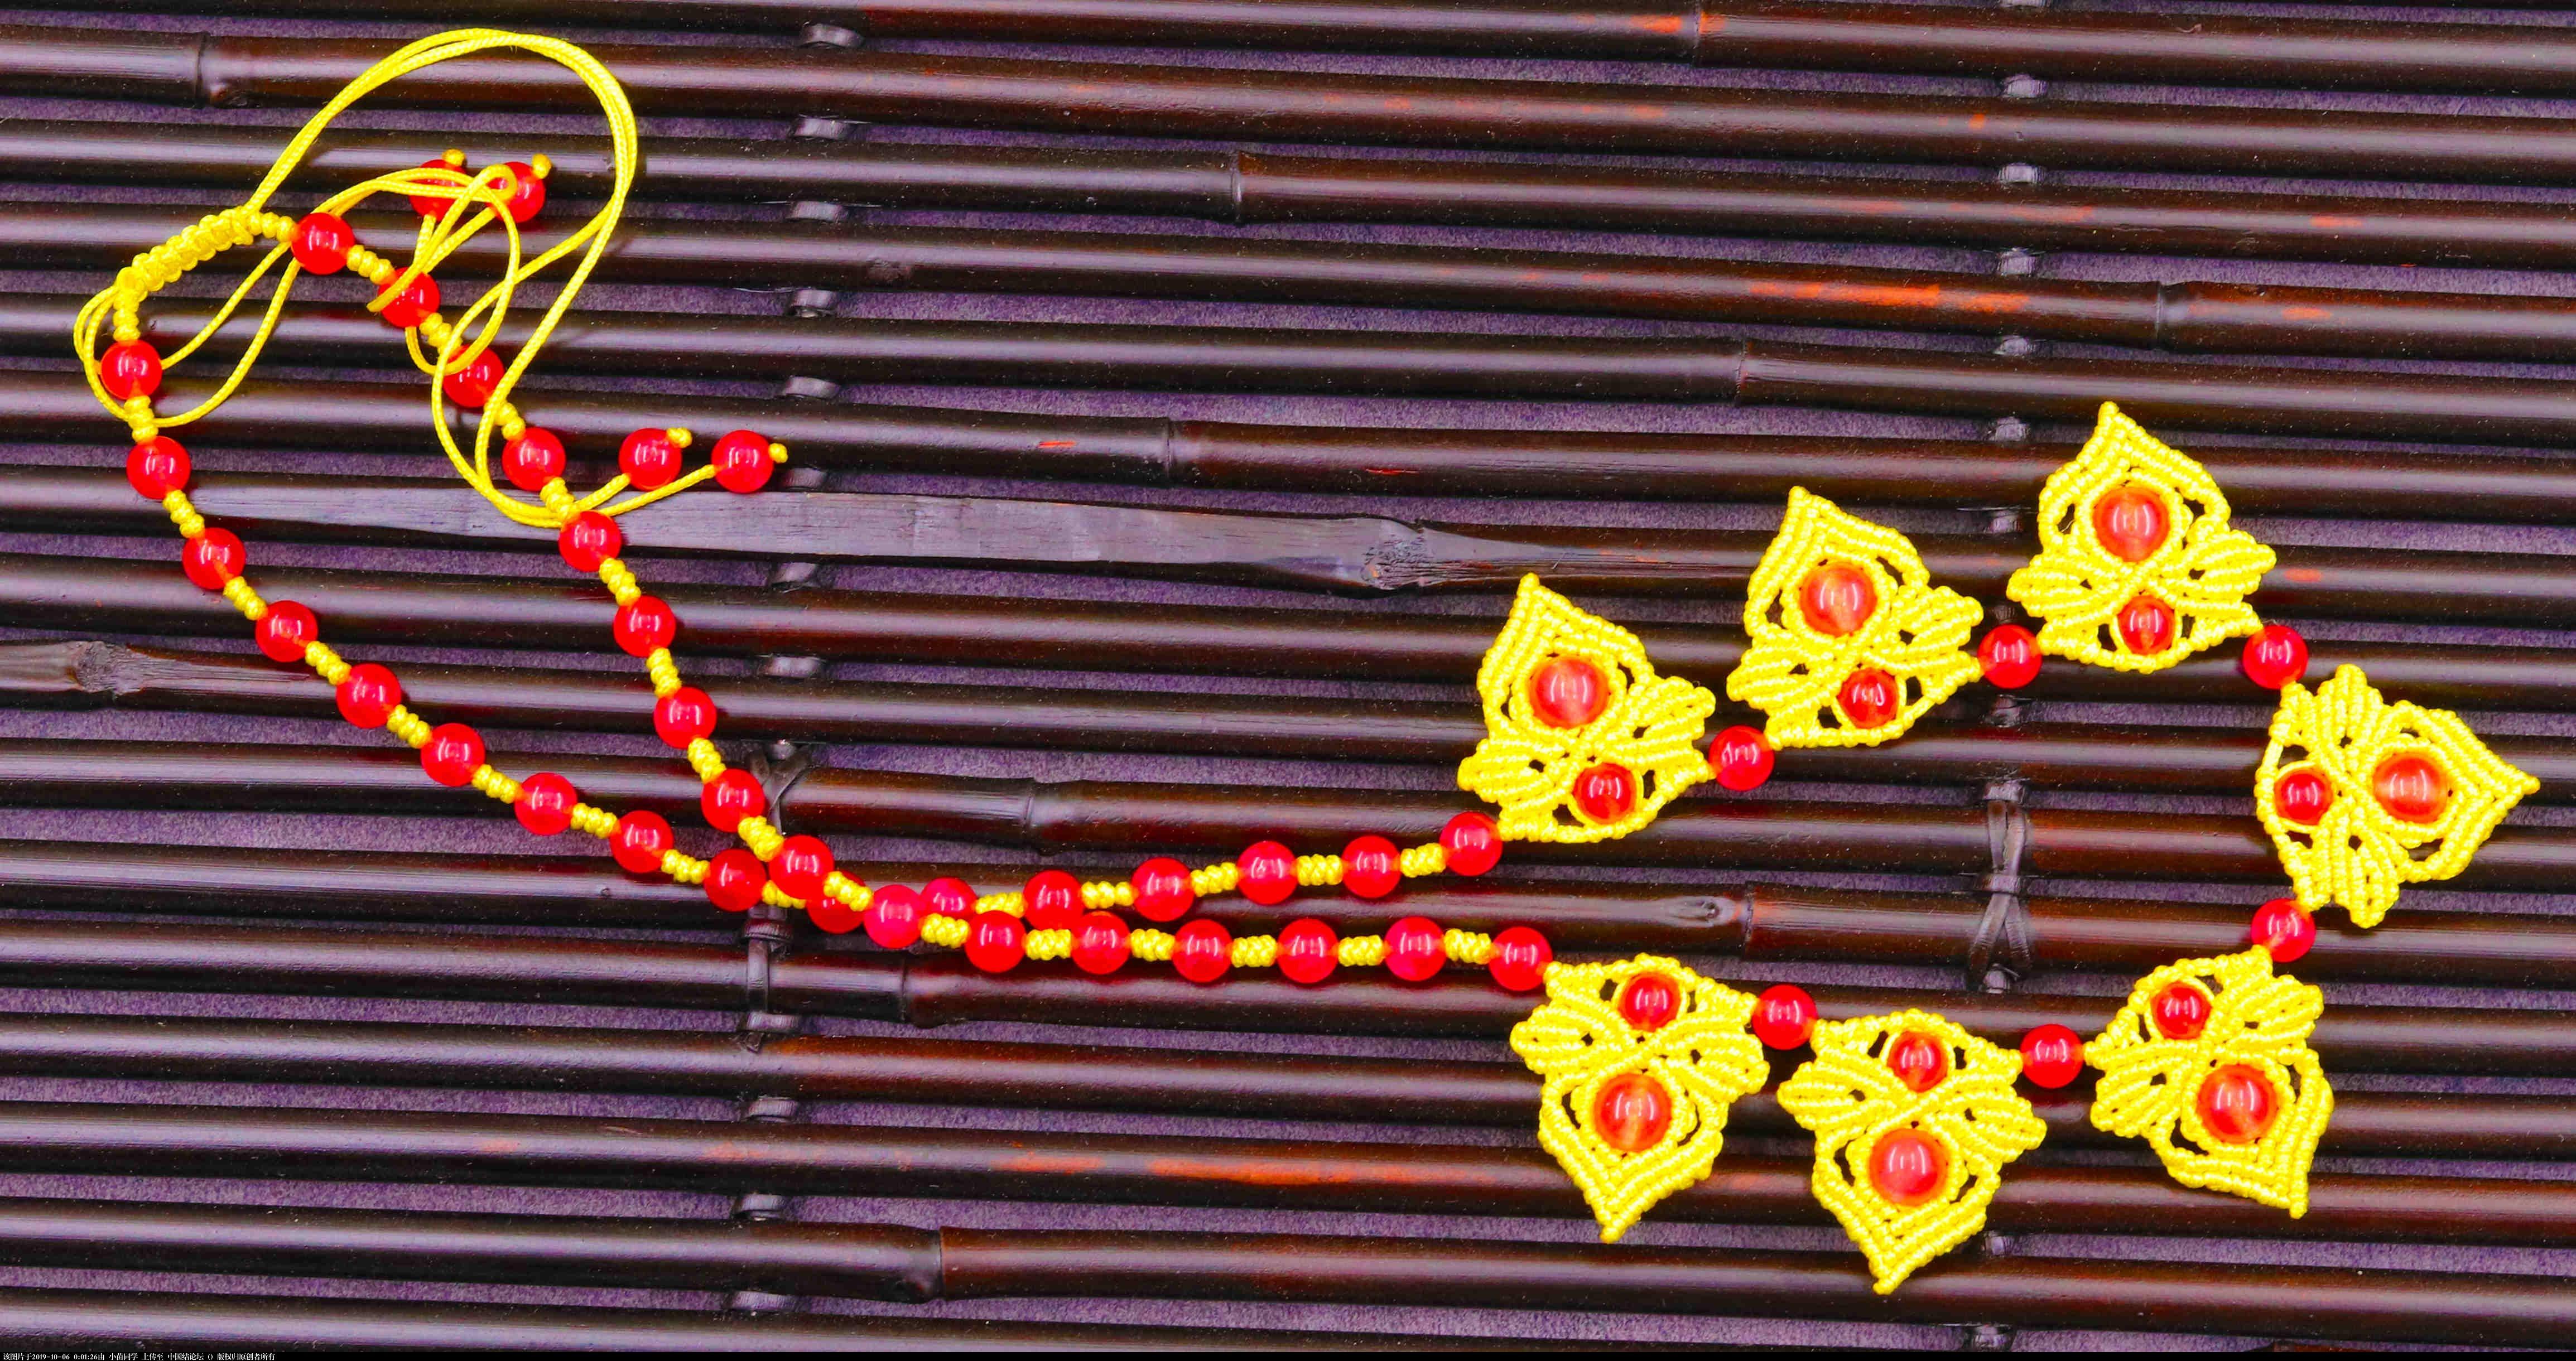 中国结论坛 再编卷结项链! 斜卷结花式项链编法,斜卷结的颈链,斜卷结编吊坠扣头,用一颗大珠子编吊坠,蜡线编织扣头 作品展示 000112rq1scibpmiyis1yk